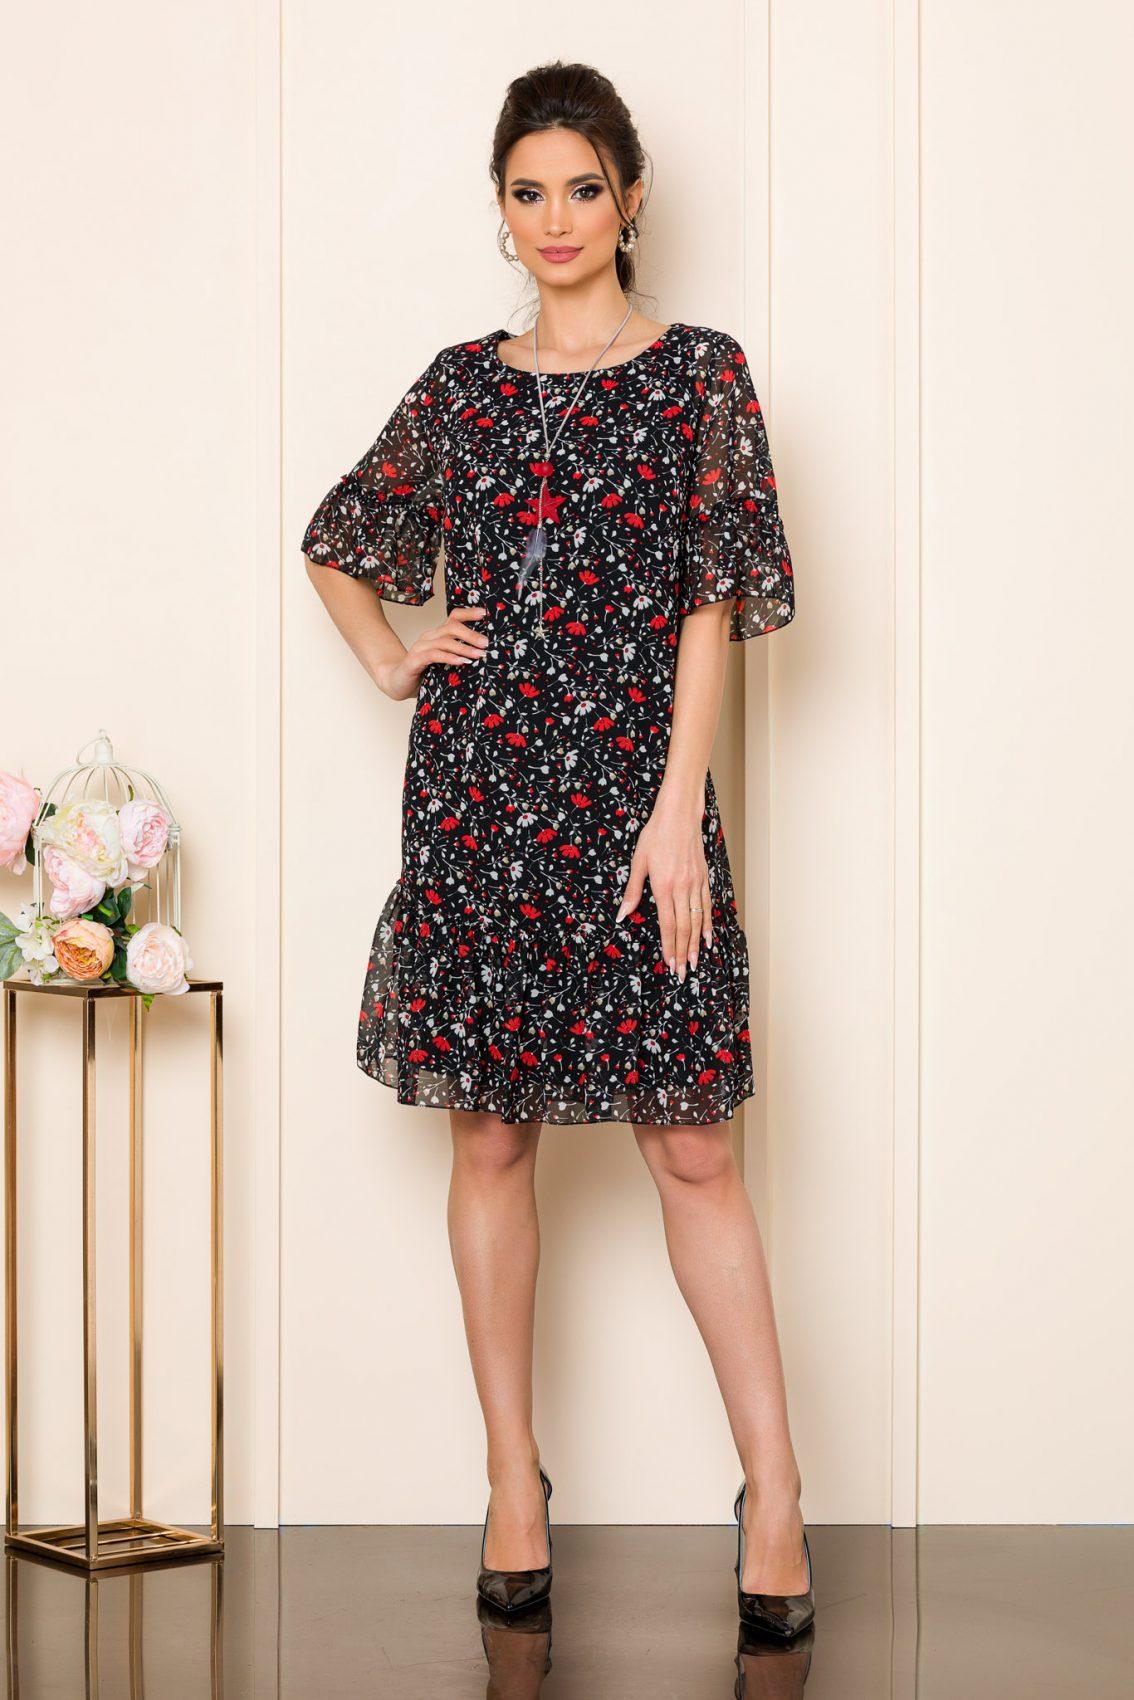 Μαύρο Φόρεμα Με Λουλούδια Ika 9840 1